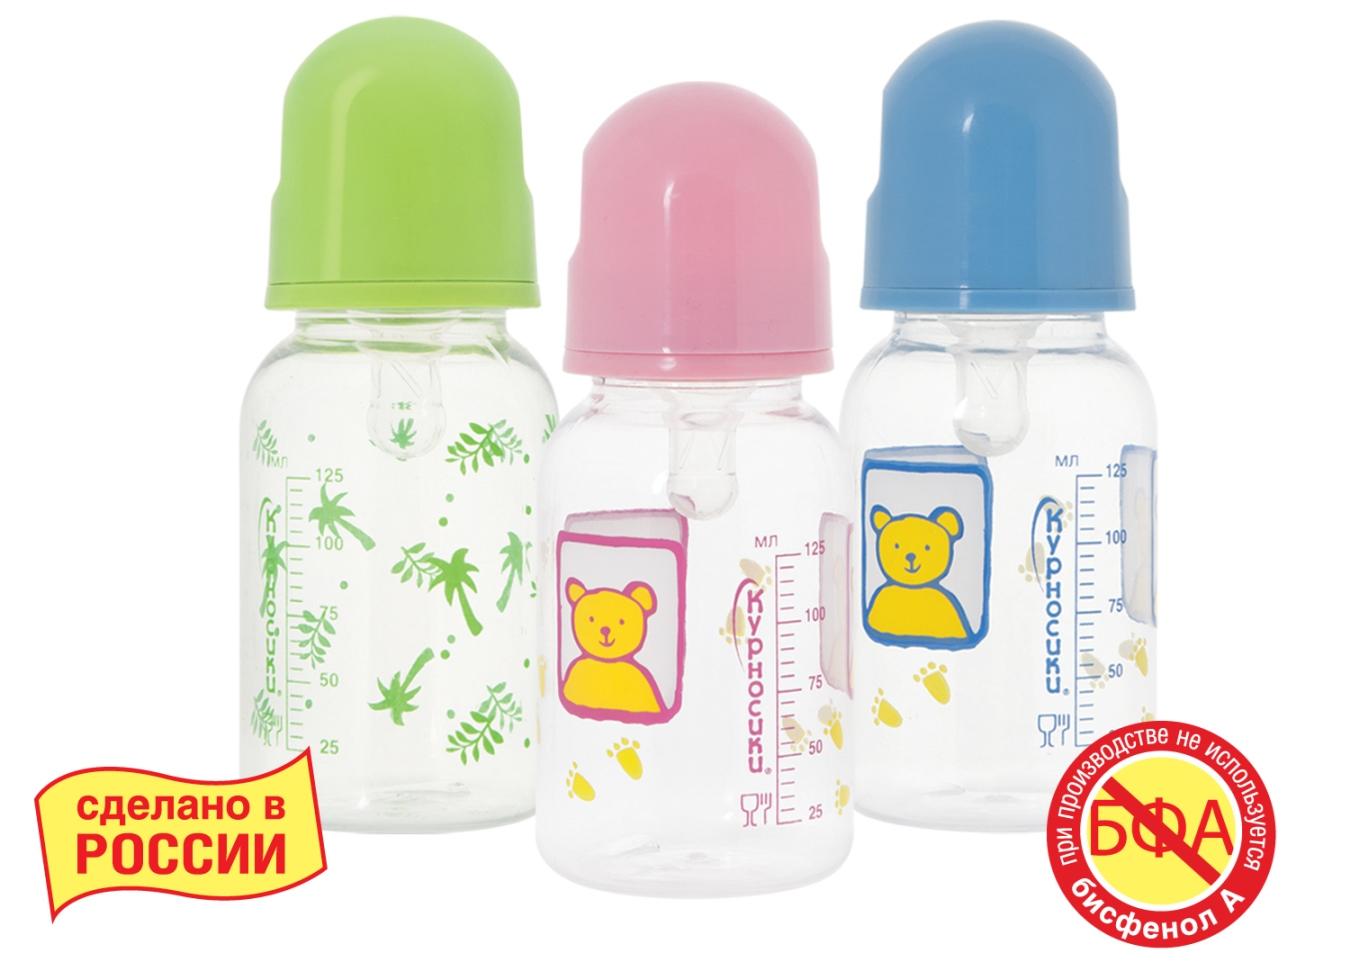 Бутылочка с крышкой и силиконовой соской, 125 млБутылочки<br>Бутылочка с крышкой и силиконовой соской, 125 мл<br>